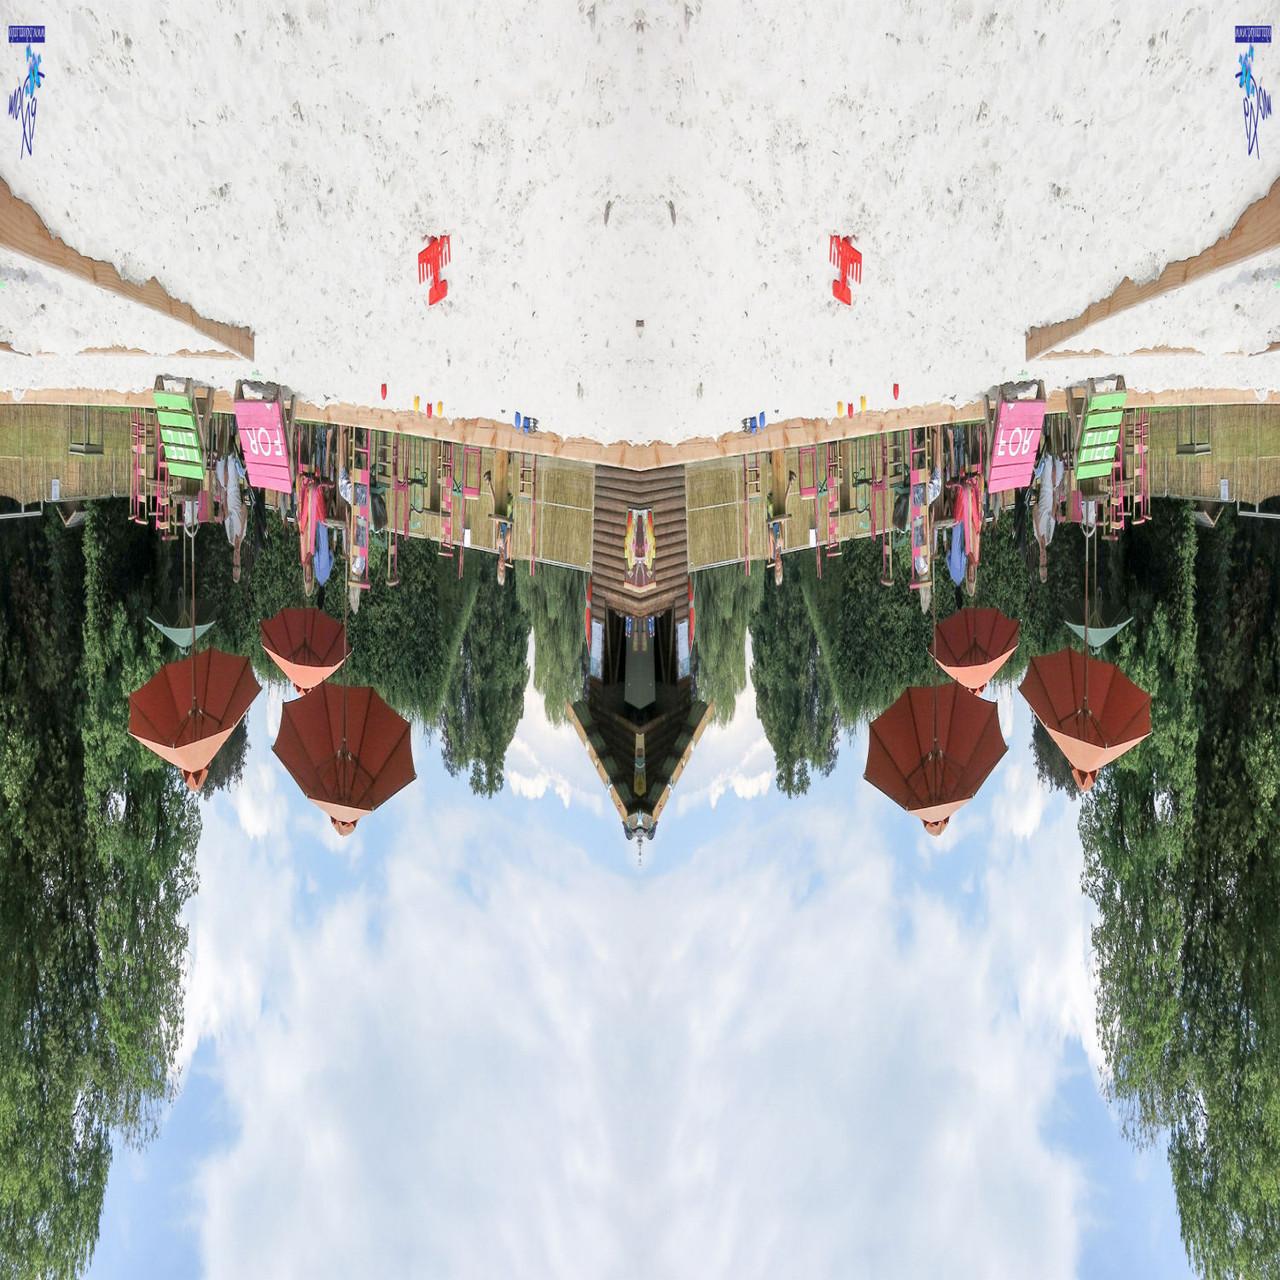 Fusion des calques et remettre au format carré et retournement de l'image à 180°